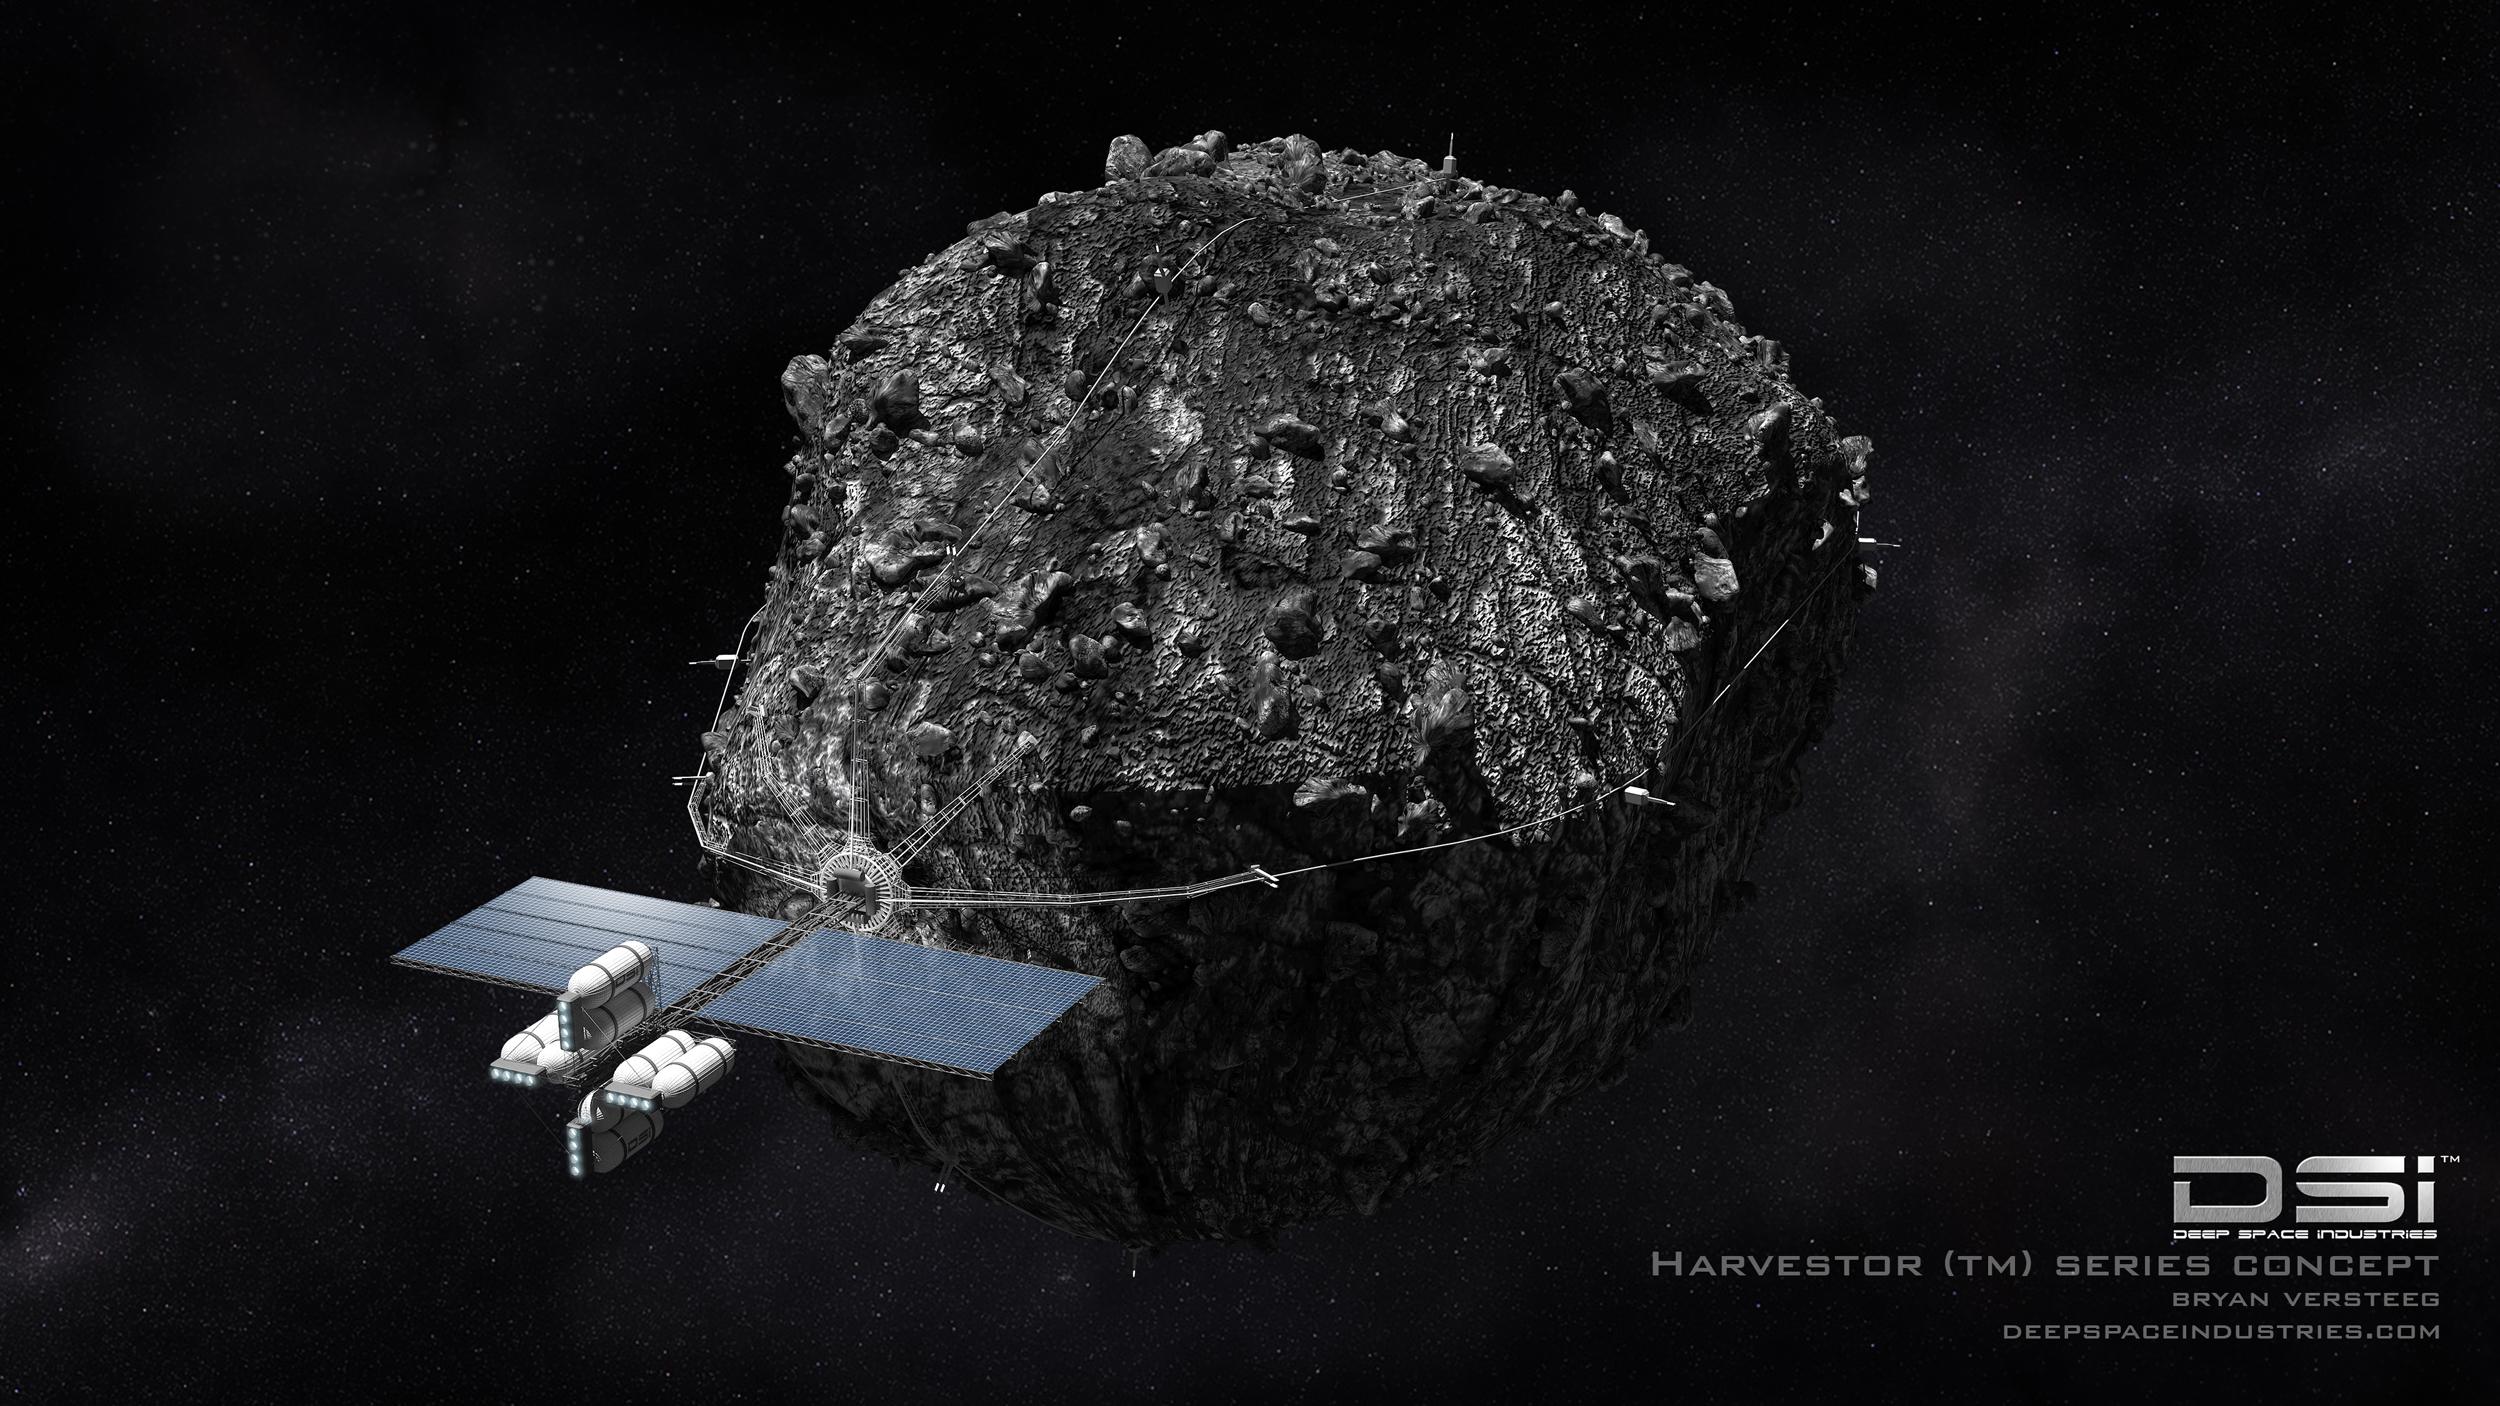 Deep Space Industries Harvestor Spacecraft